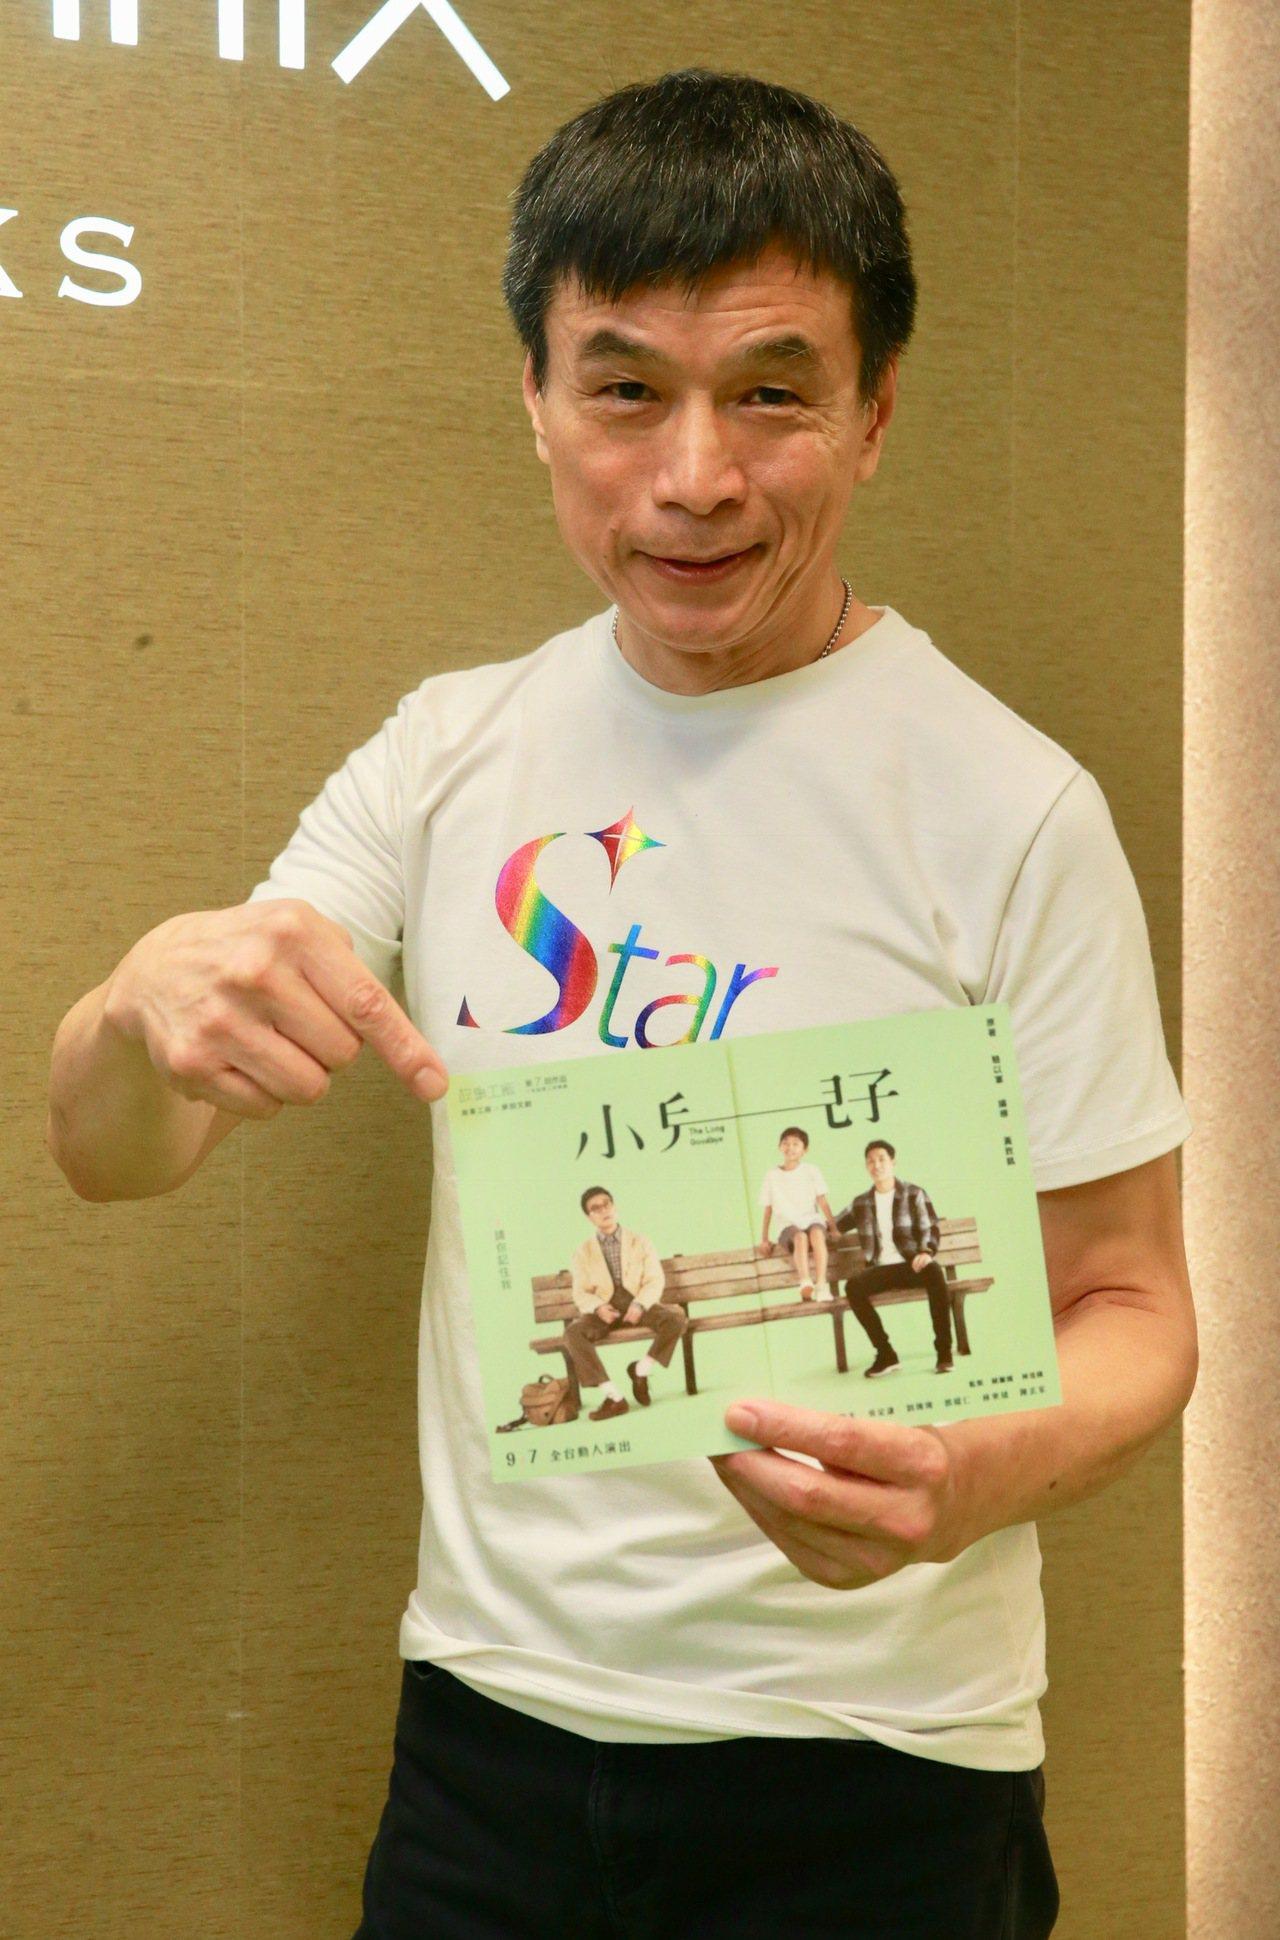 《小兒子》舞台劇9月7日起巡迴演出,演員李天柱談扮演失智老人。記者黃義書/攝影